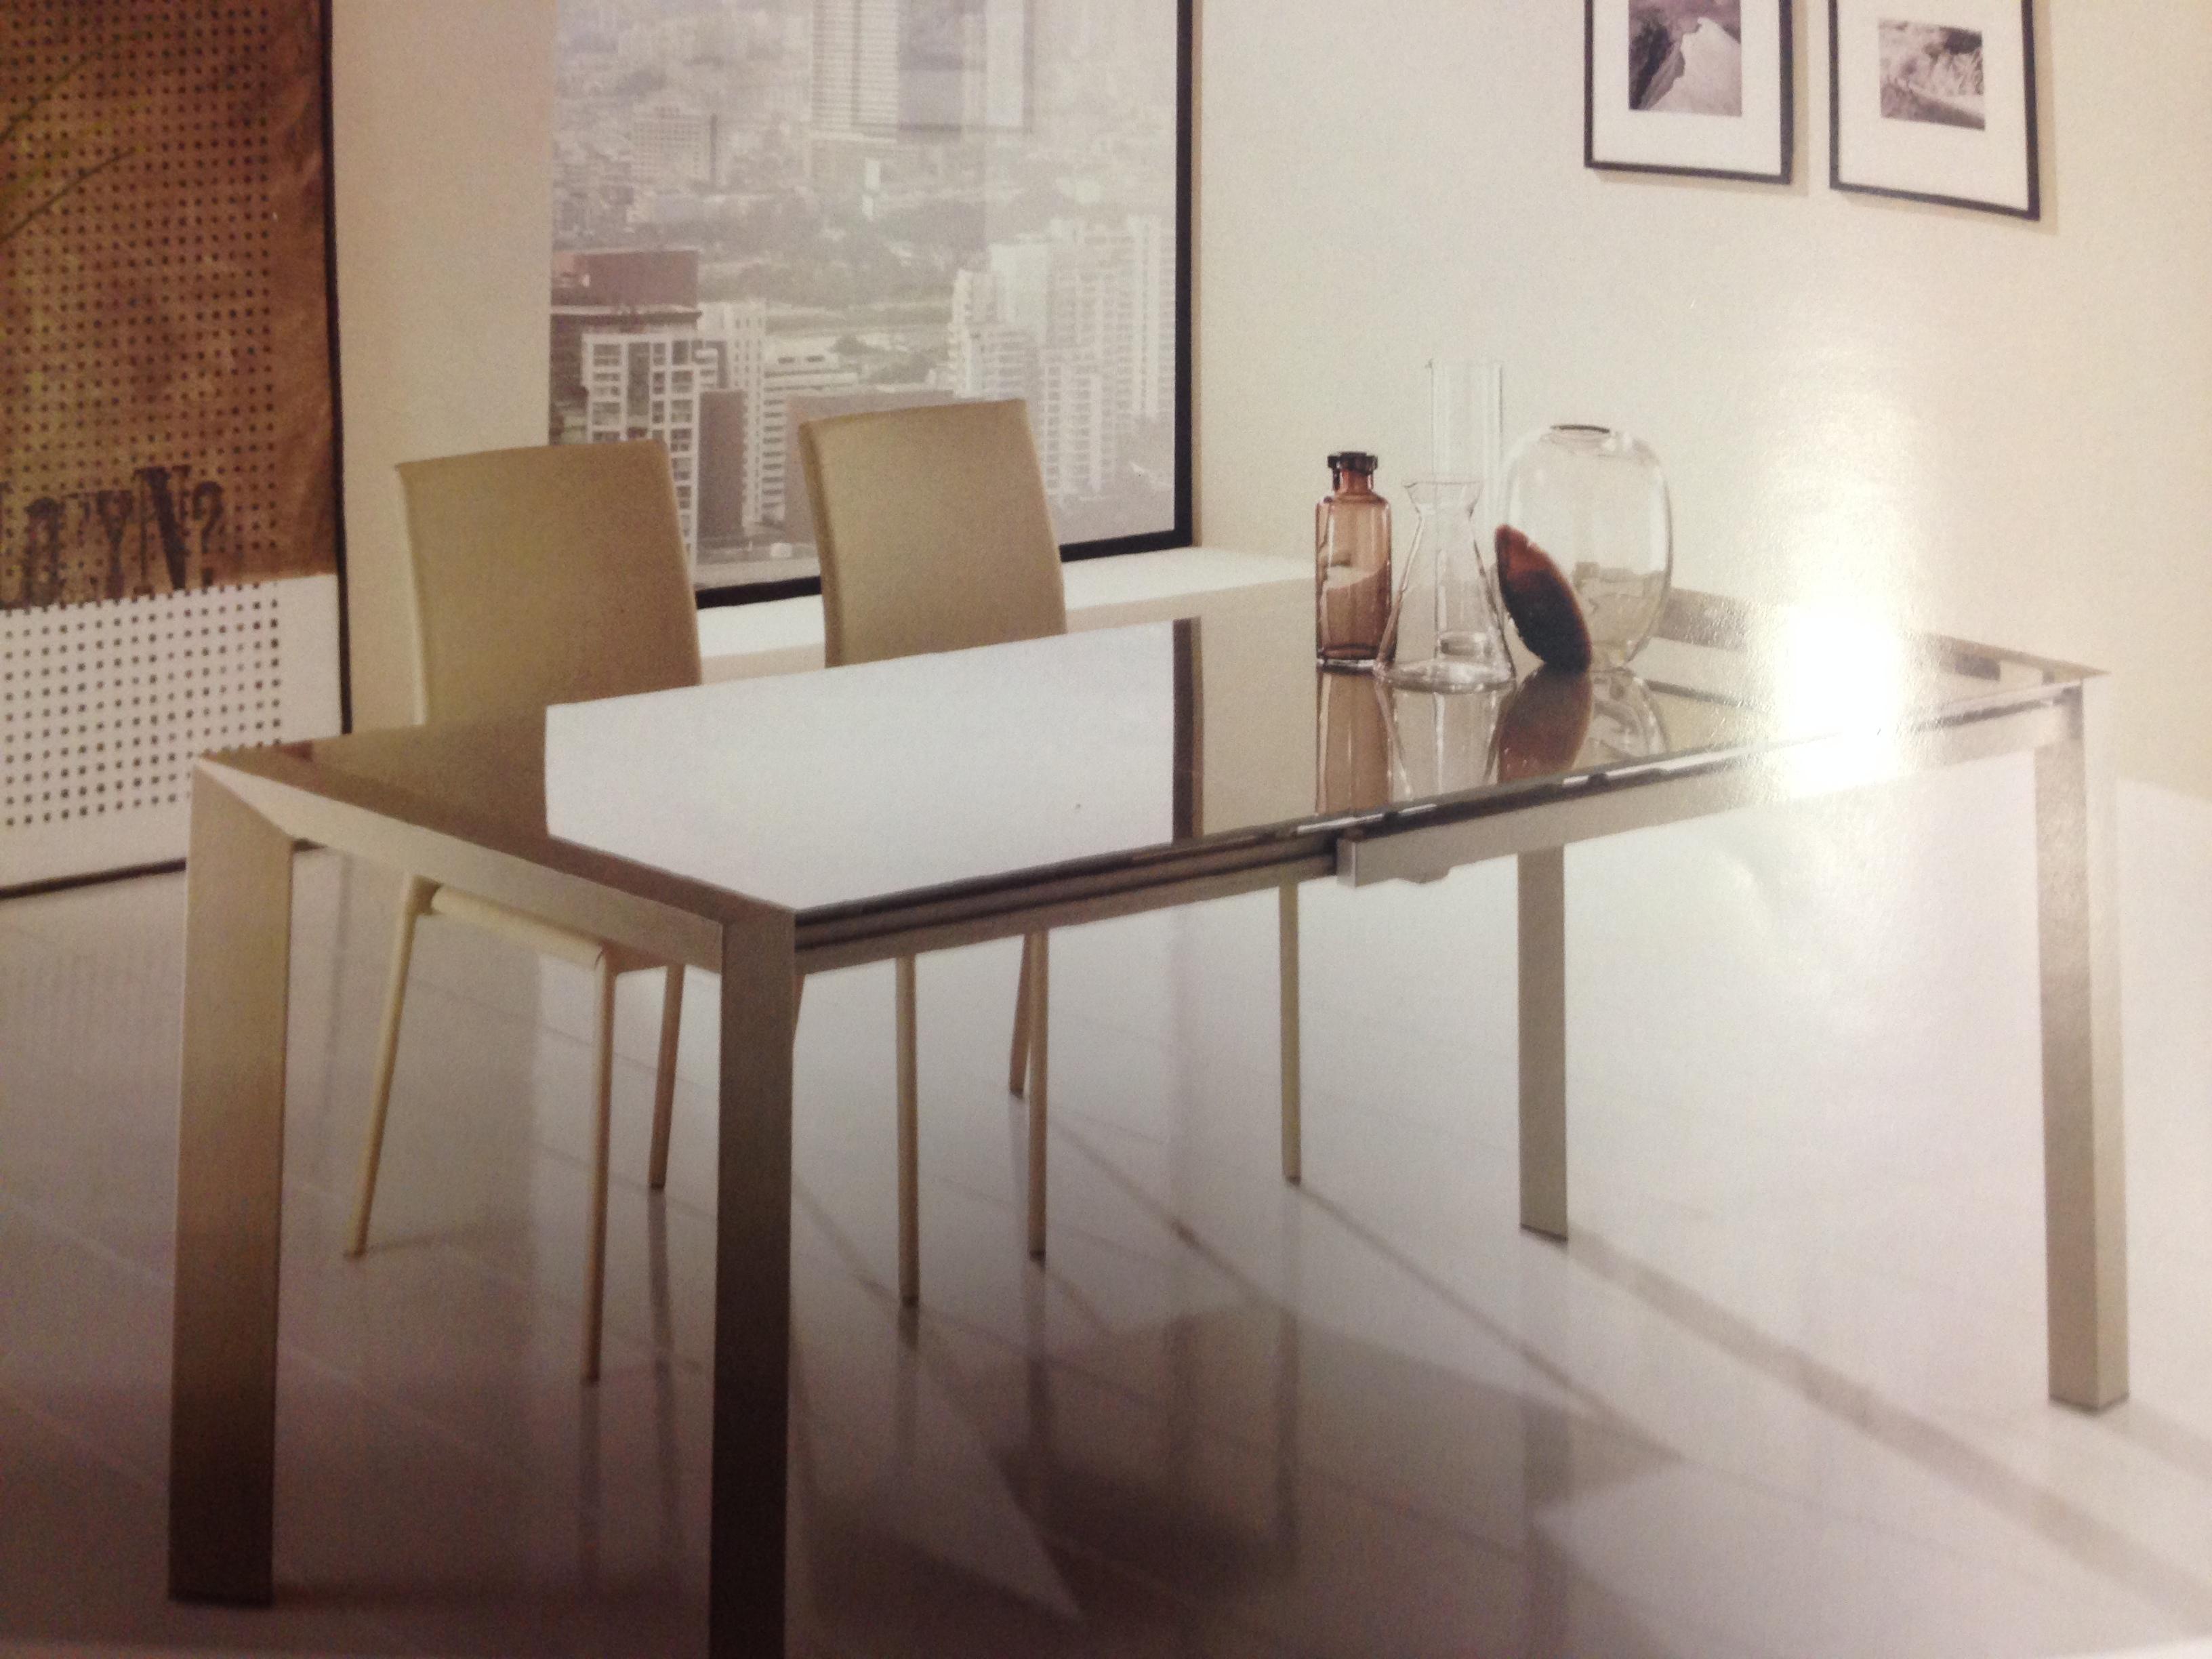 Offerta tavolo e 4 sedie : Arredamenti Agostino